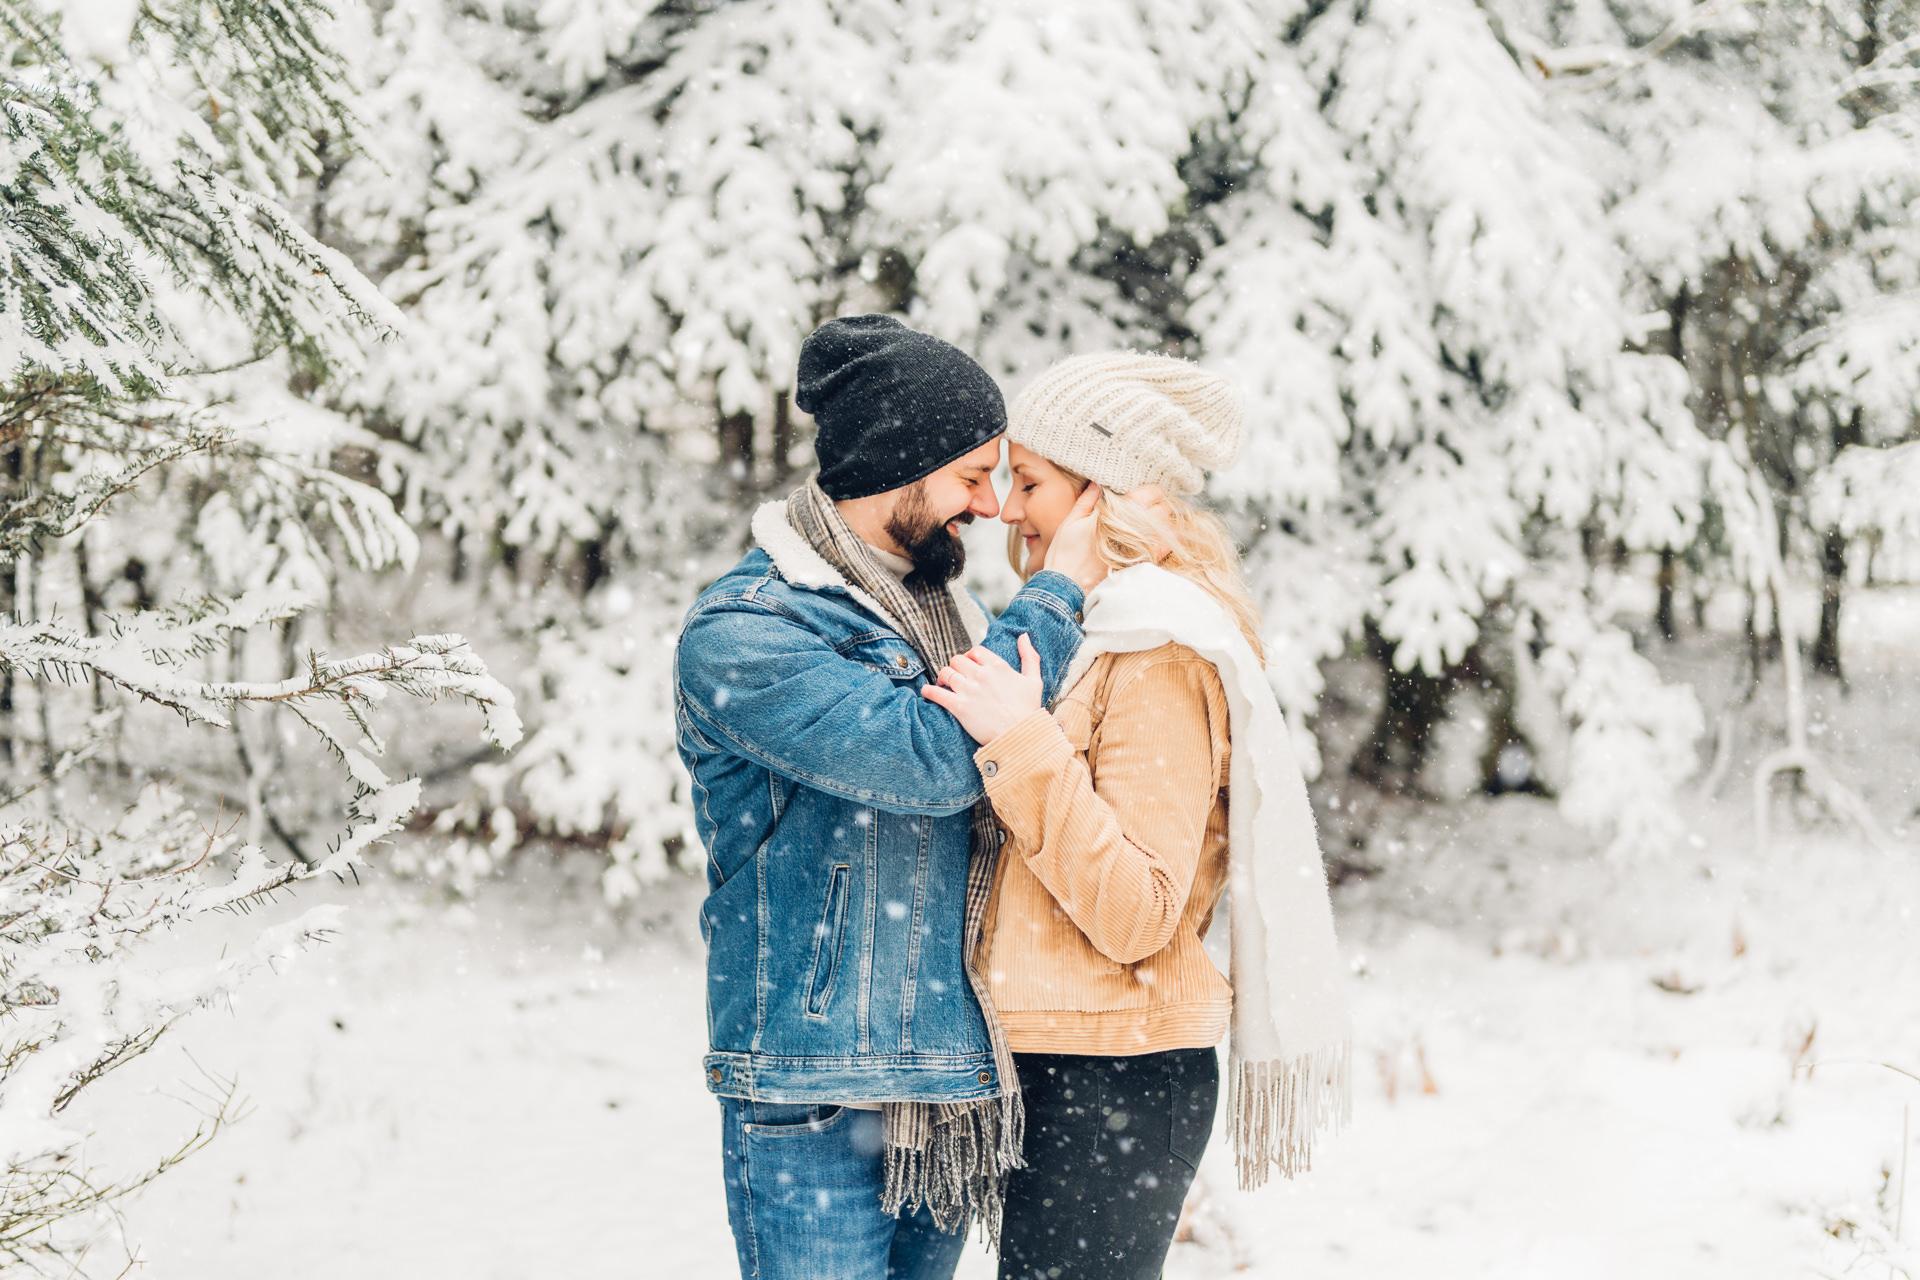 Paarfotos im Winter im Schnee